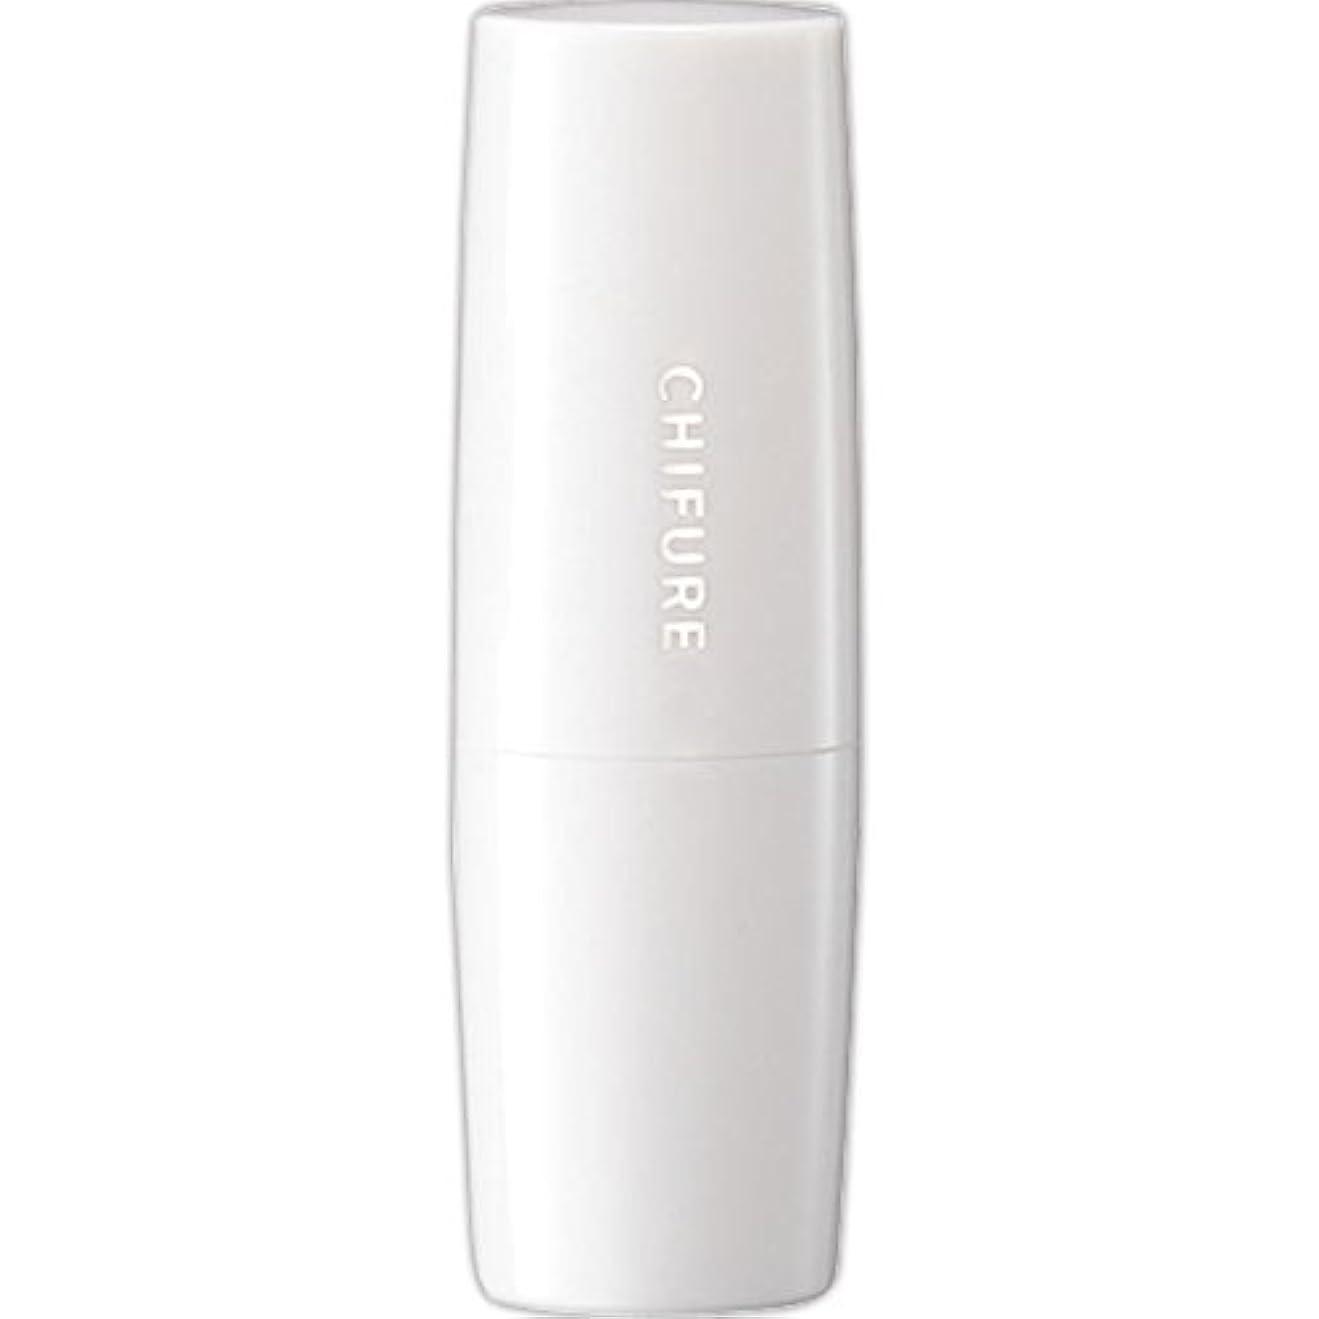 光の蒸し器ソーシャルちふれ化粧品 口紅ケース ホワイト 1